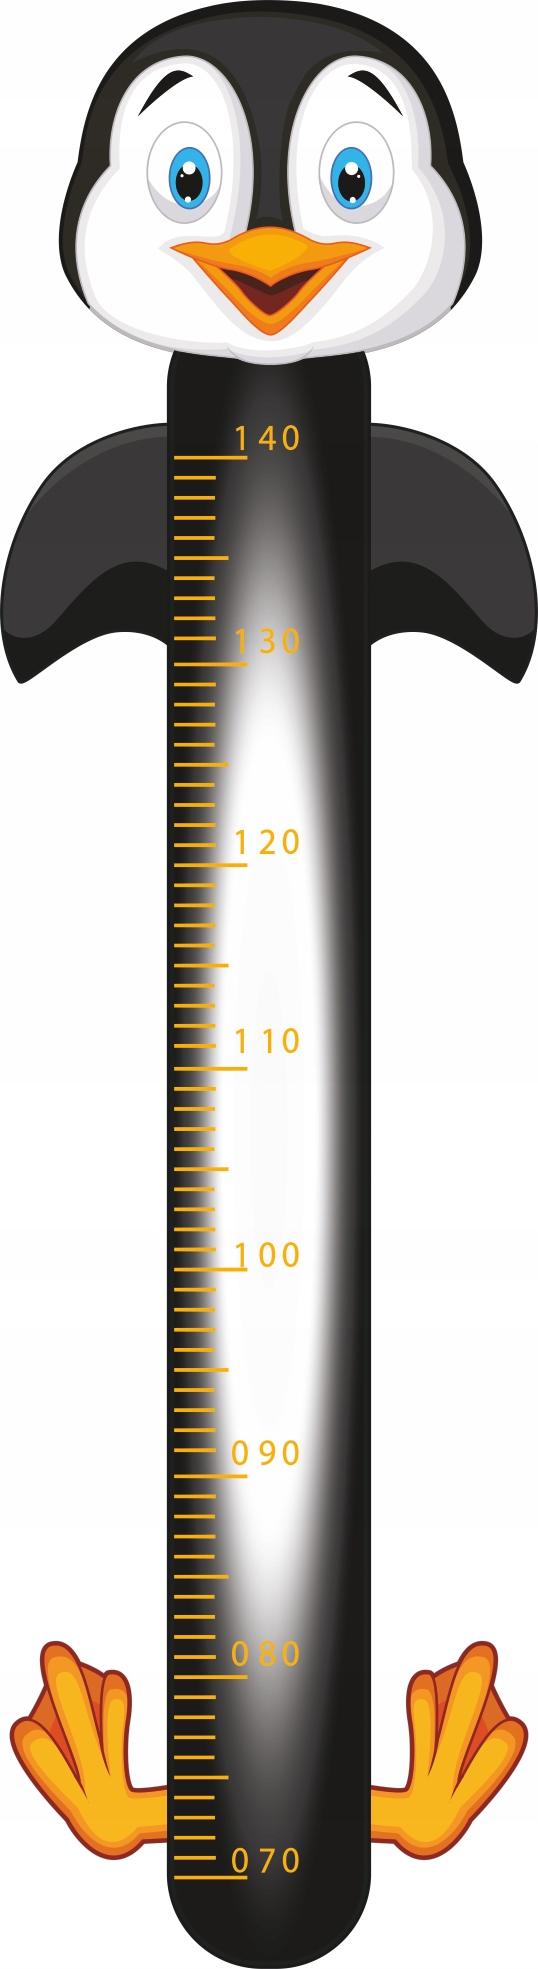 Настенная наклейка для измерения высоты HAPPY PENGUIN